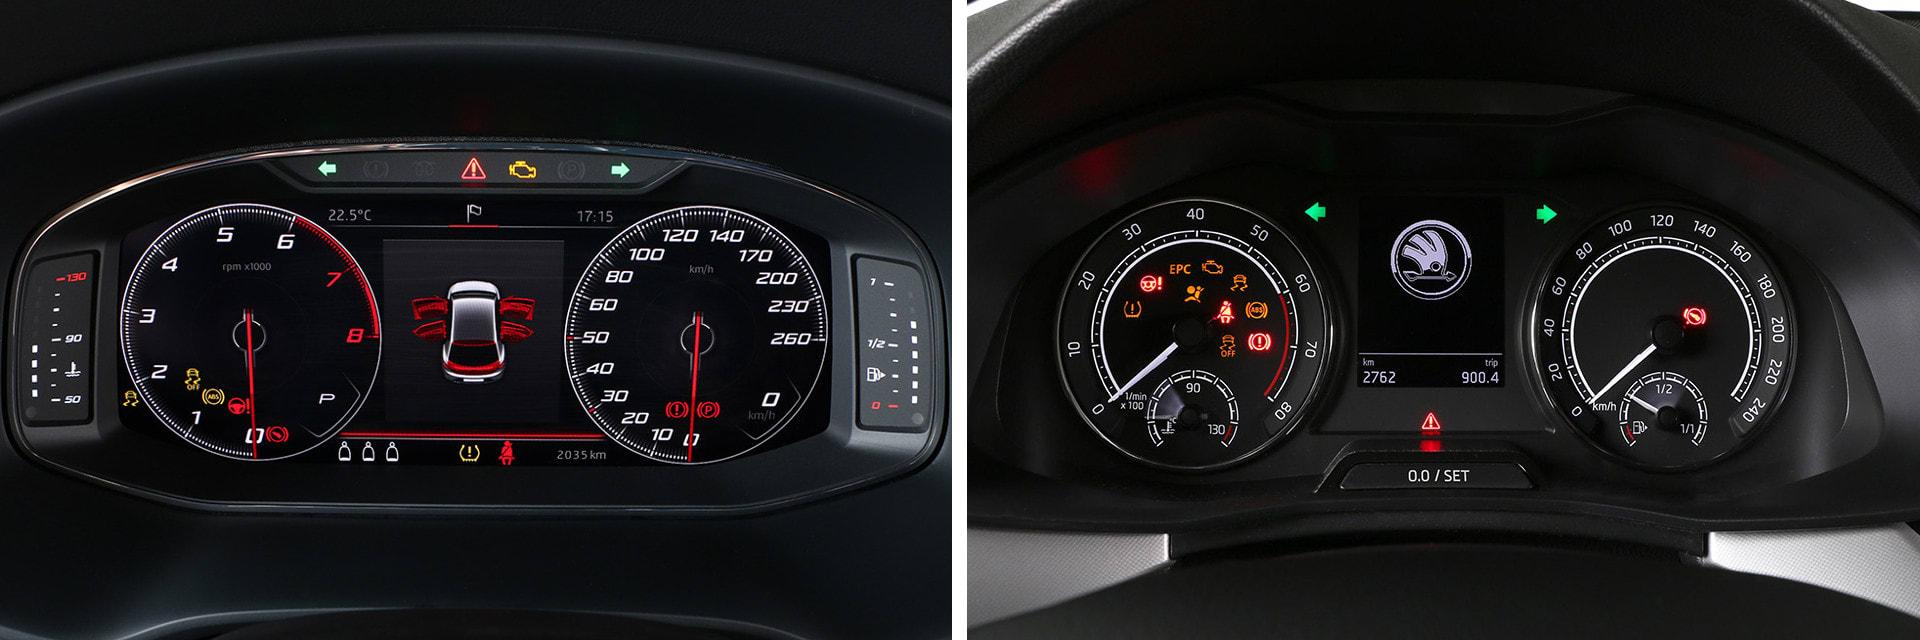 Este SEAT León (izq.) viene con opción a la instrumentación digital (360 €). El Škoda (dcha.) tiene la instrumentación tradicional, la digital cuesta 510 euros.